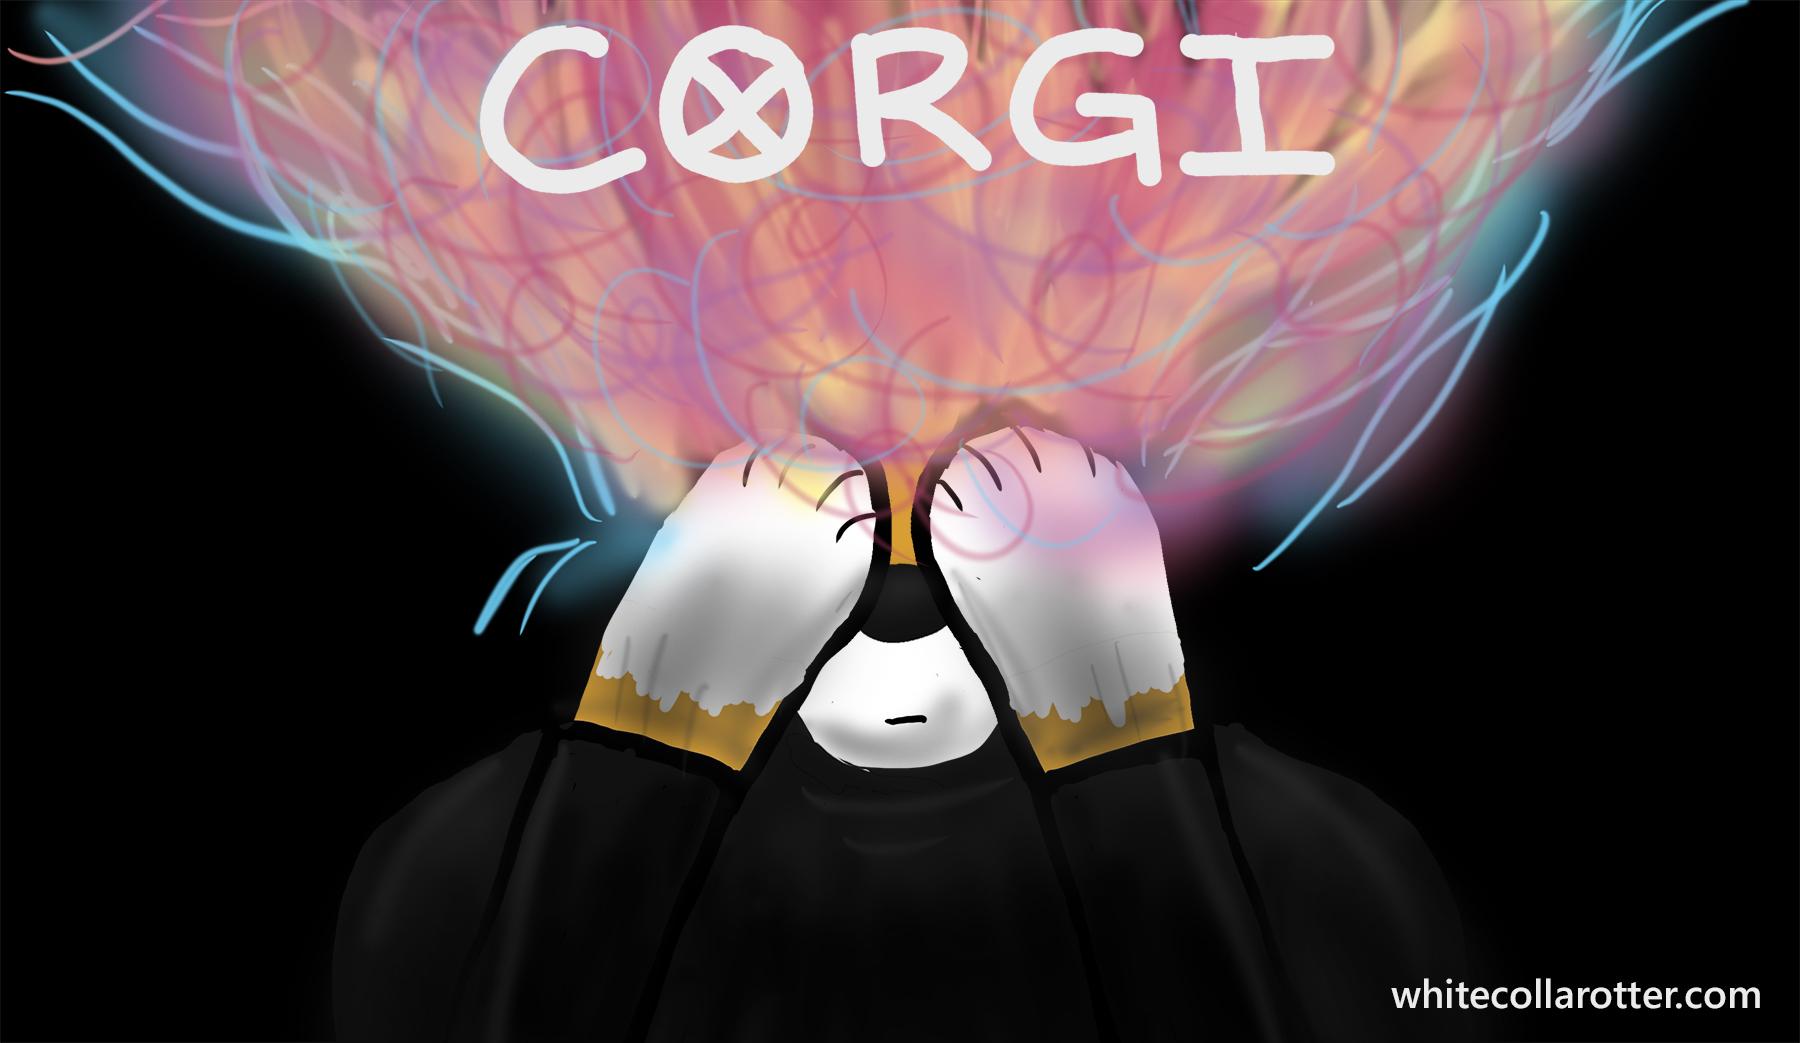 Legion Corgi